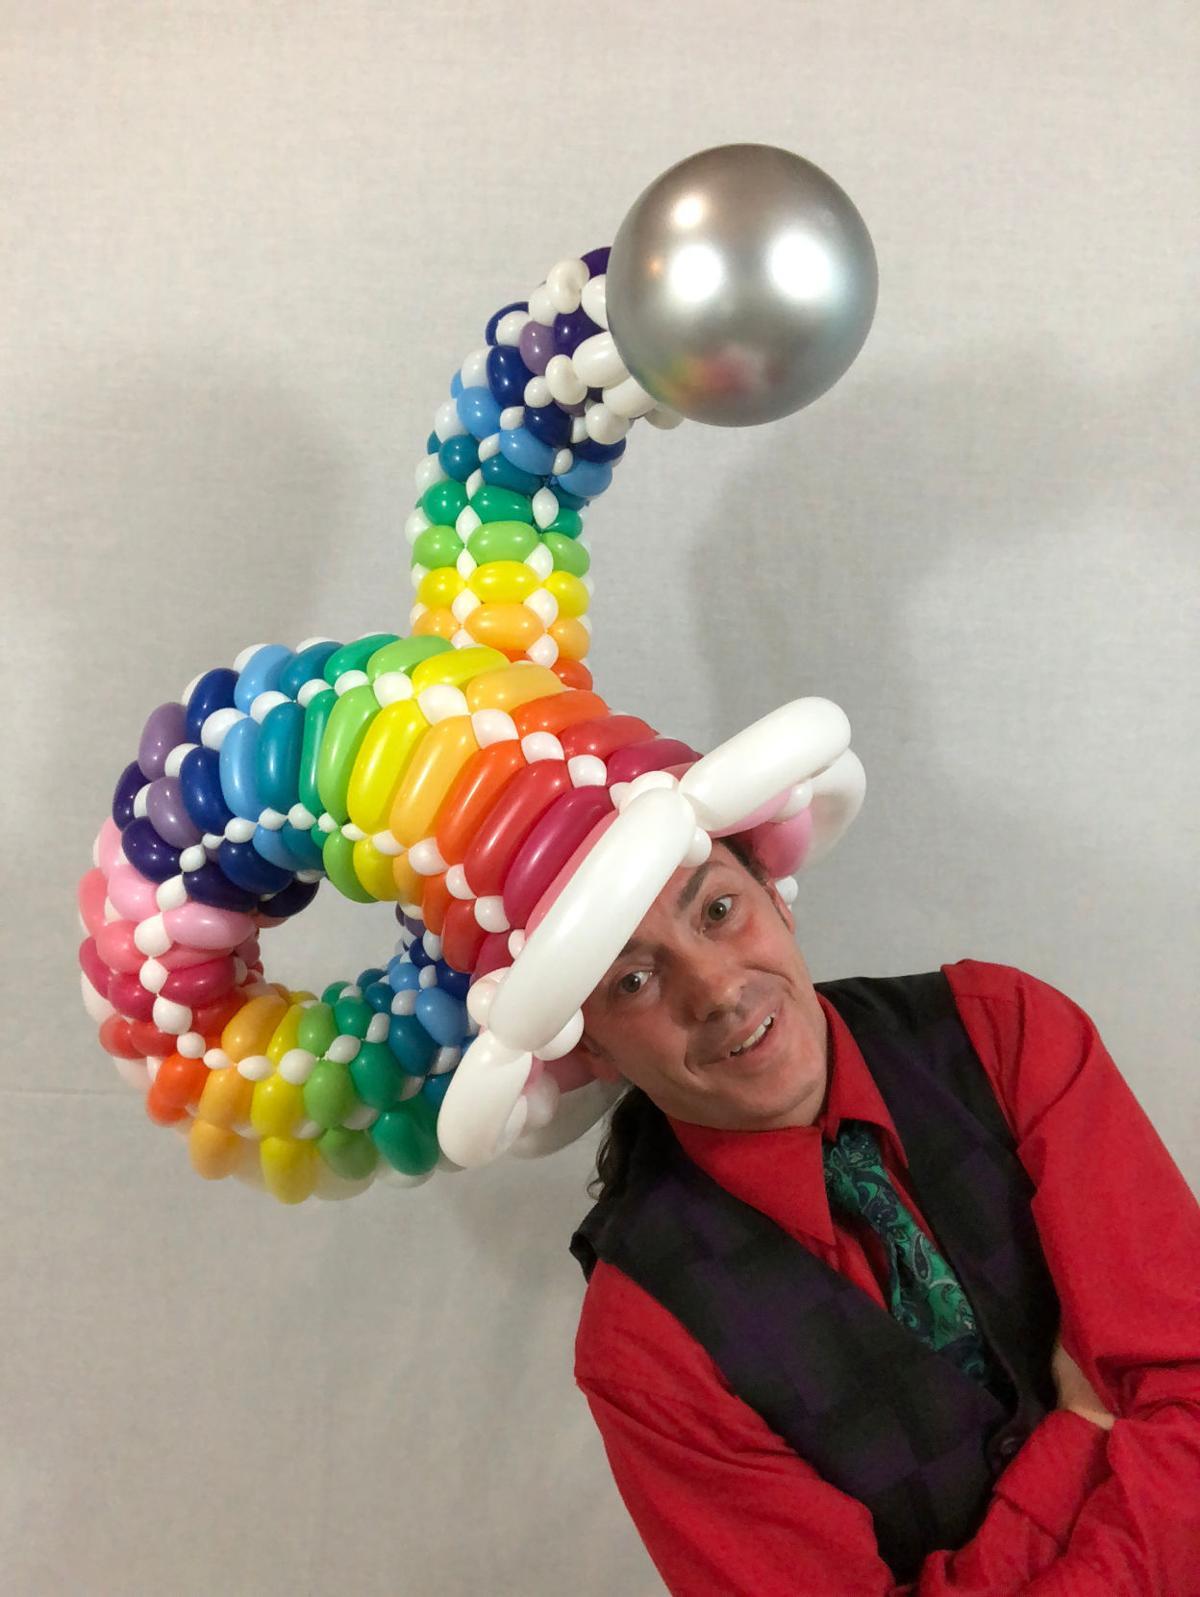 Twist the Balloon Man